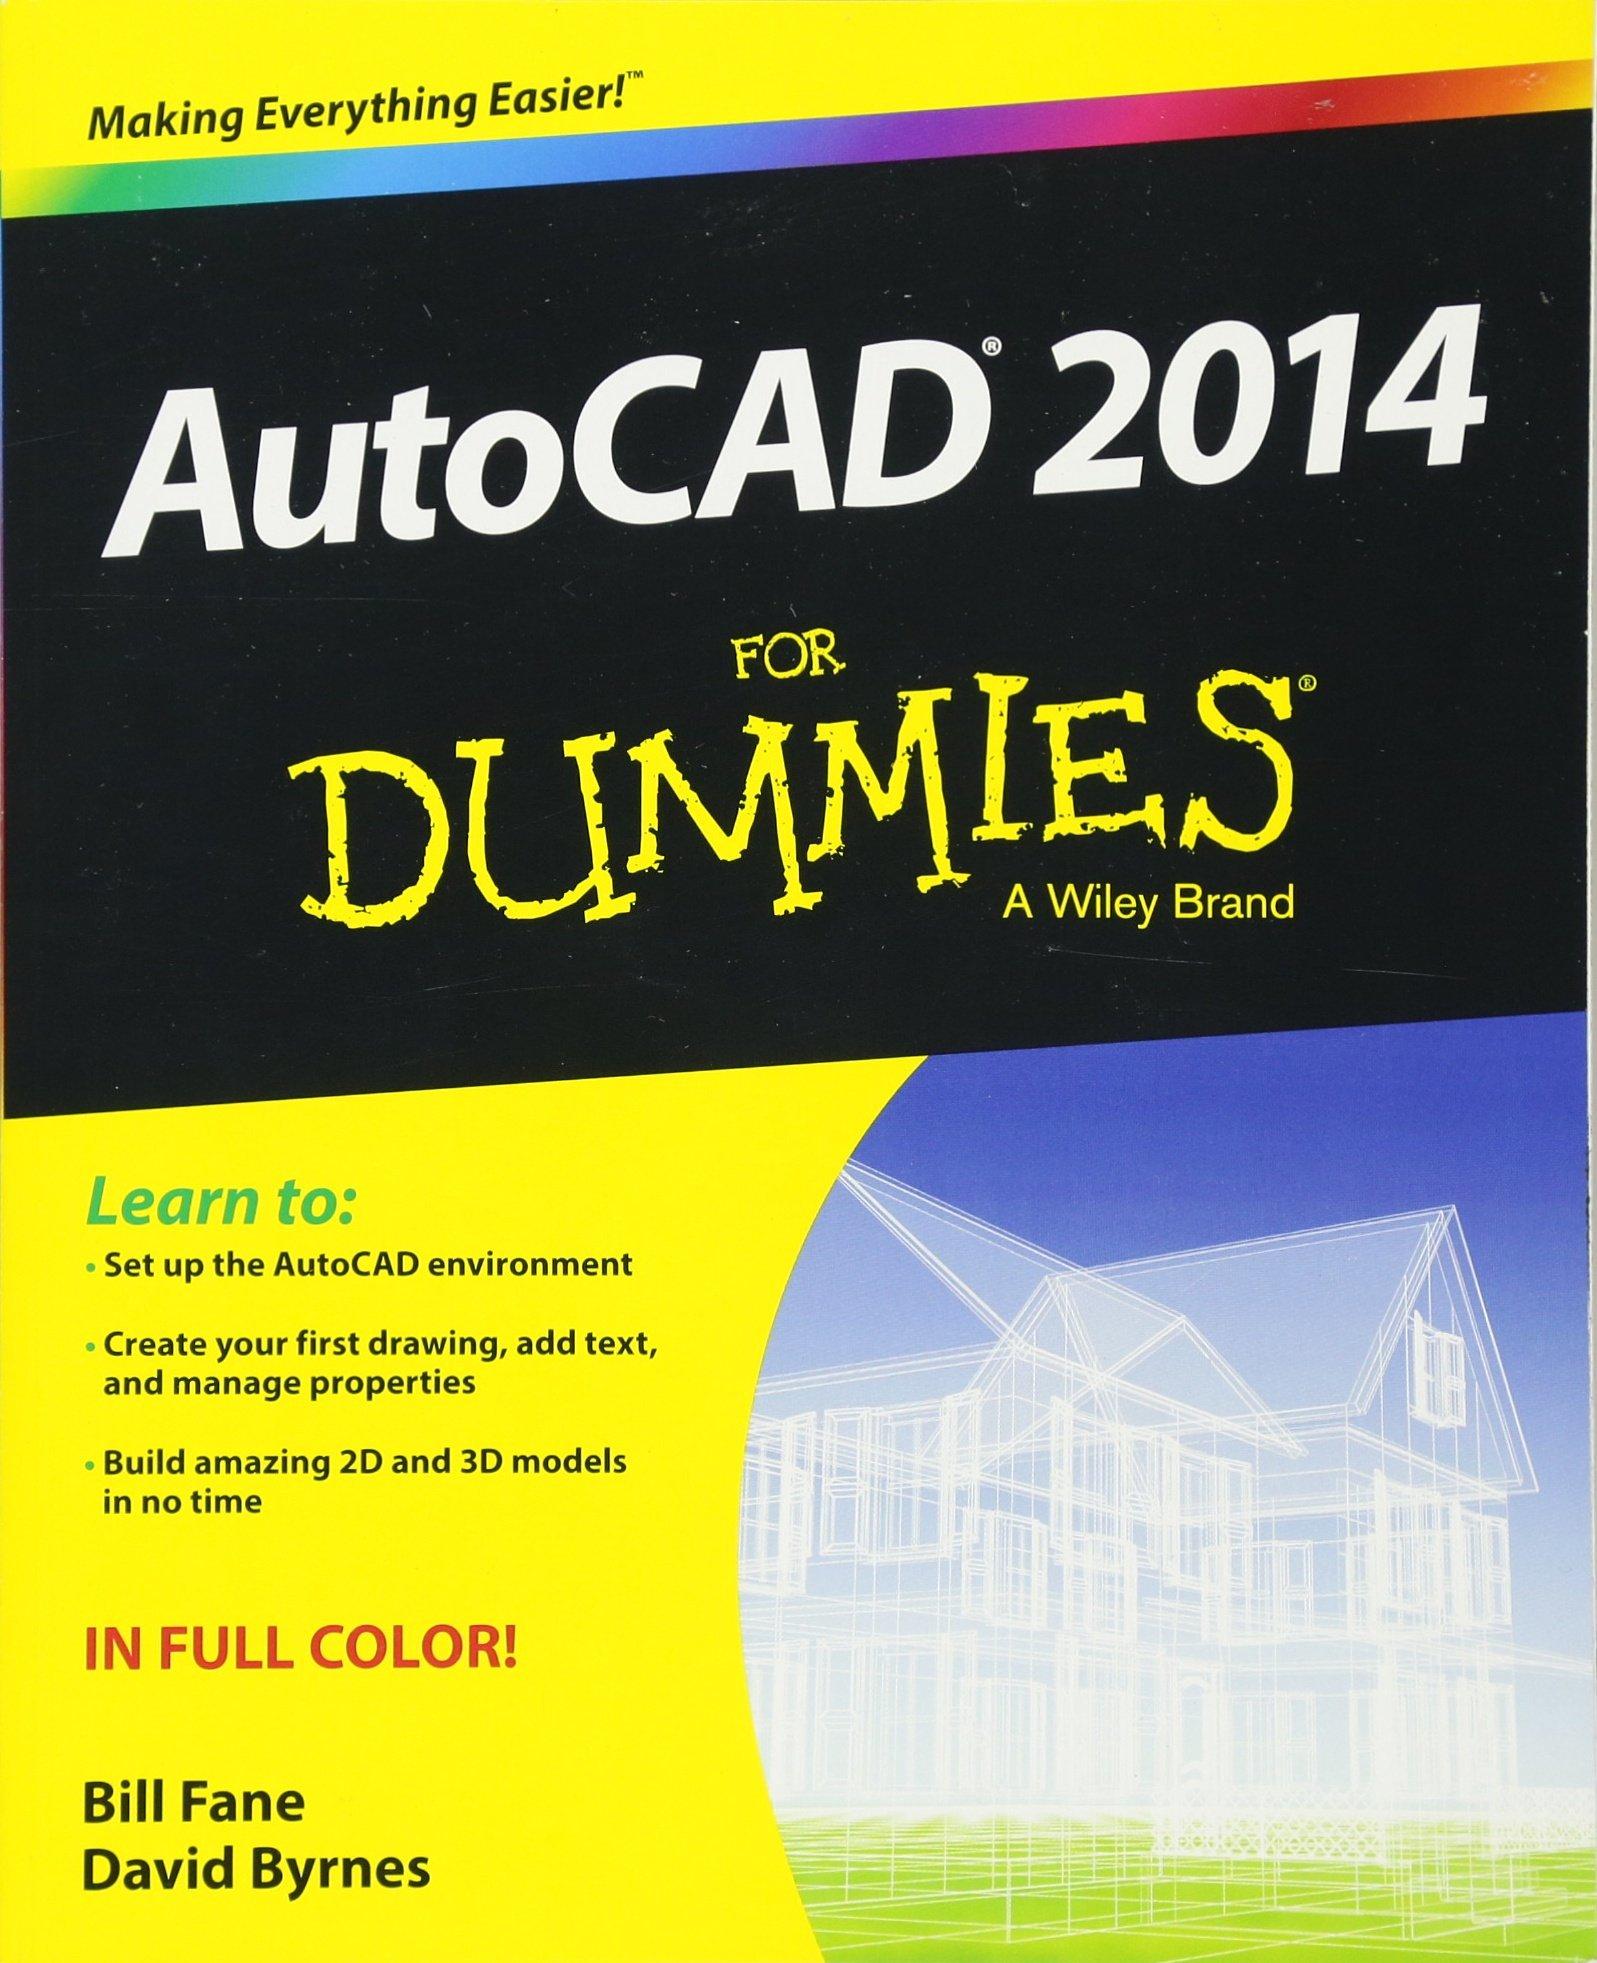 AutoCAD 2014 For Dummies (Autocad for Dummies): Amazon.es: Fane, Bill, Byrnes, David: Libros en idiomas extranjeros